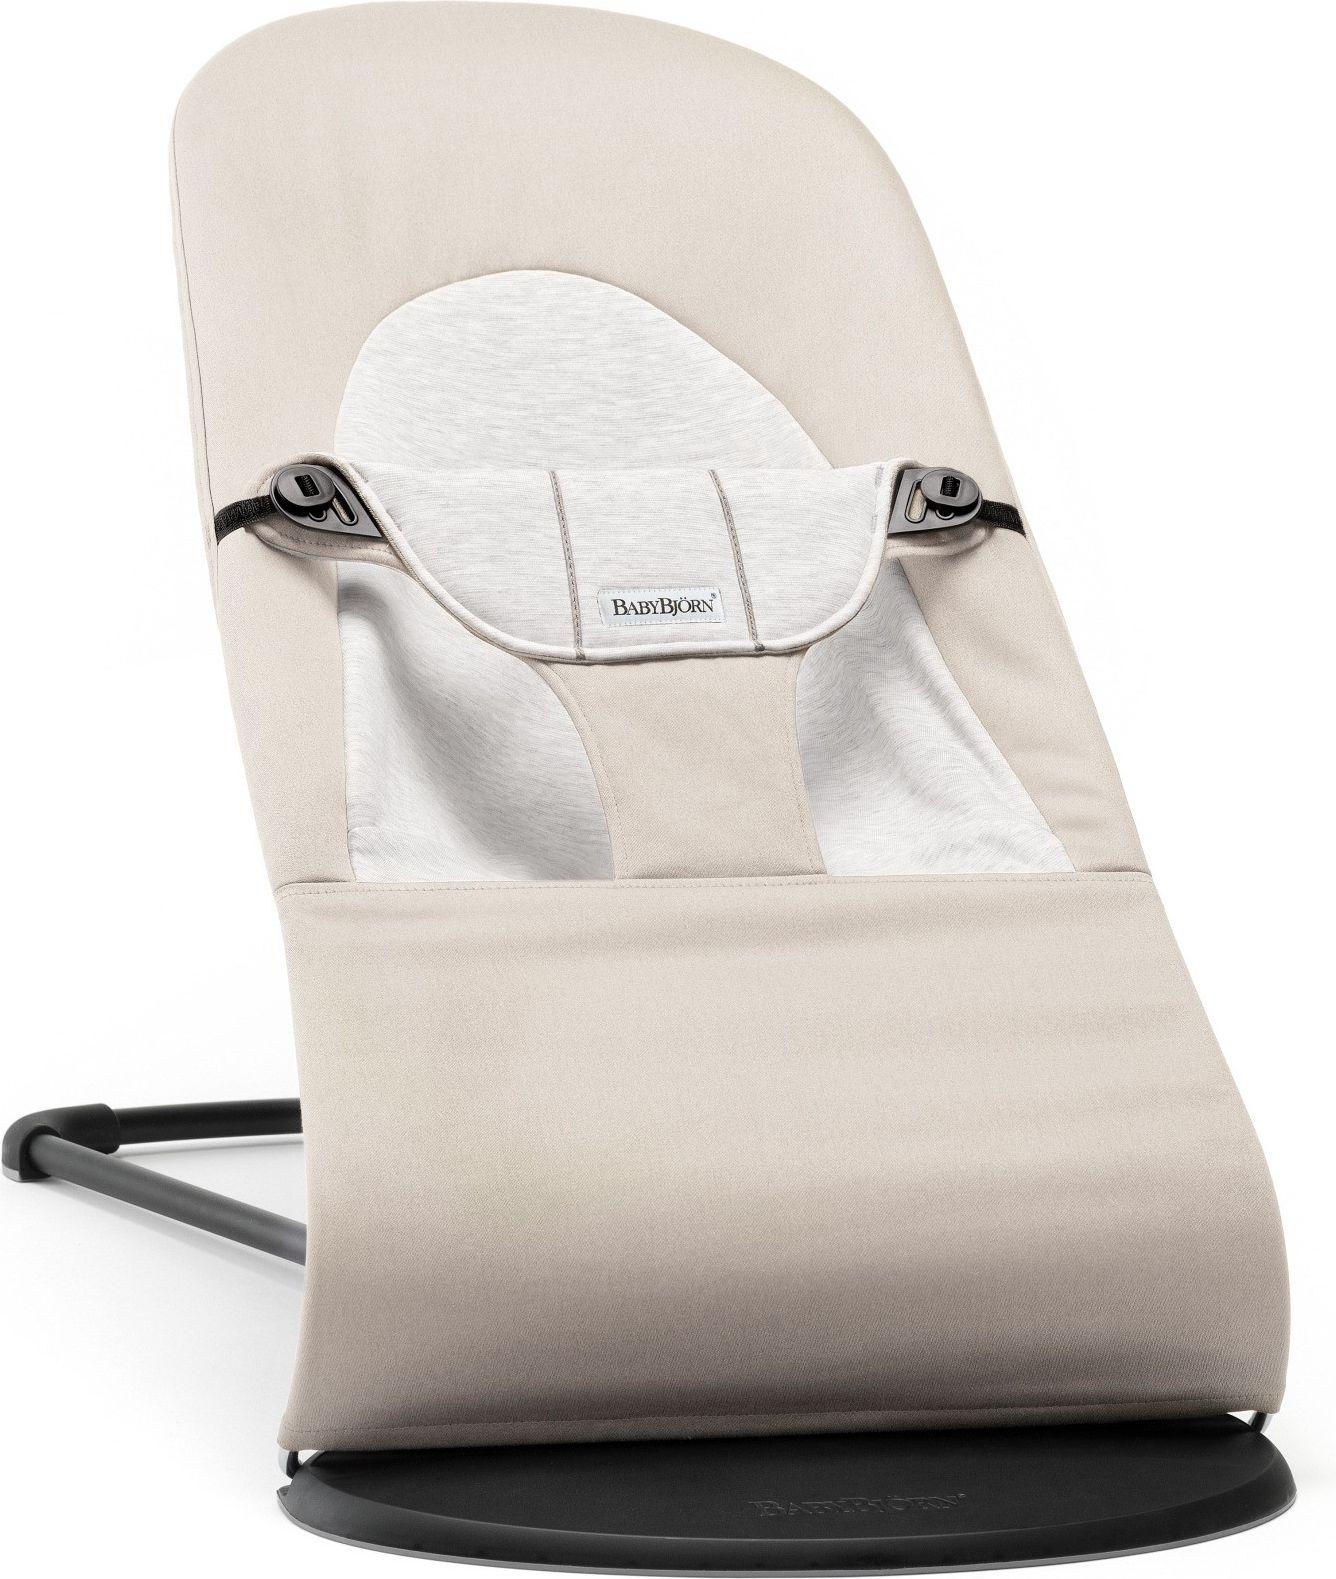 BABYBJORN  BABYBJORN - lezaczek BALANCE SOFT COTTON/JERSEY - Bezowy/Szary  - 7317680050830 7317680050830 šūpuļkrēsls